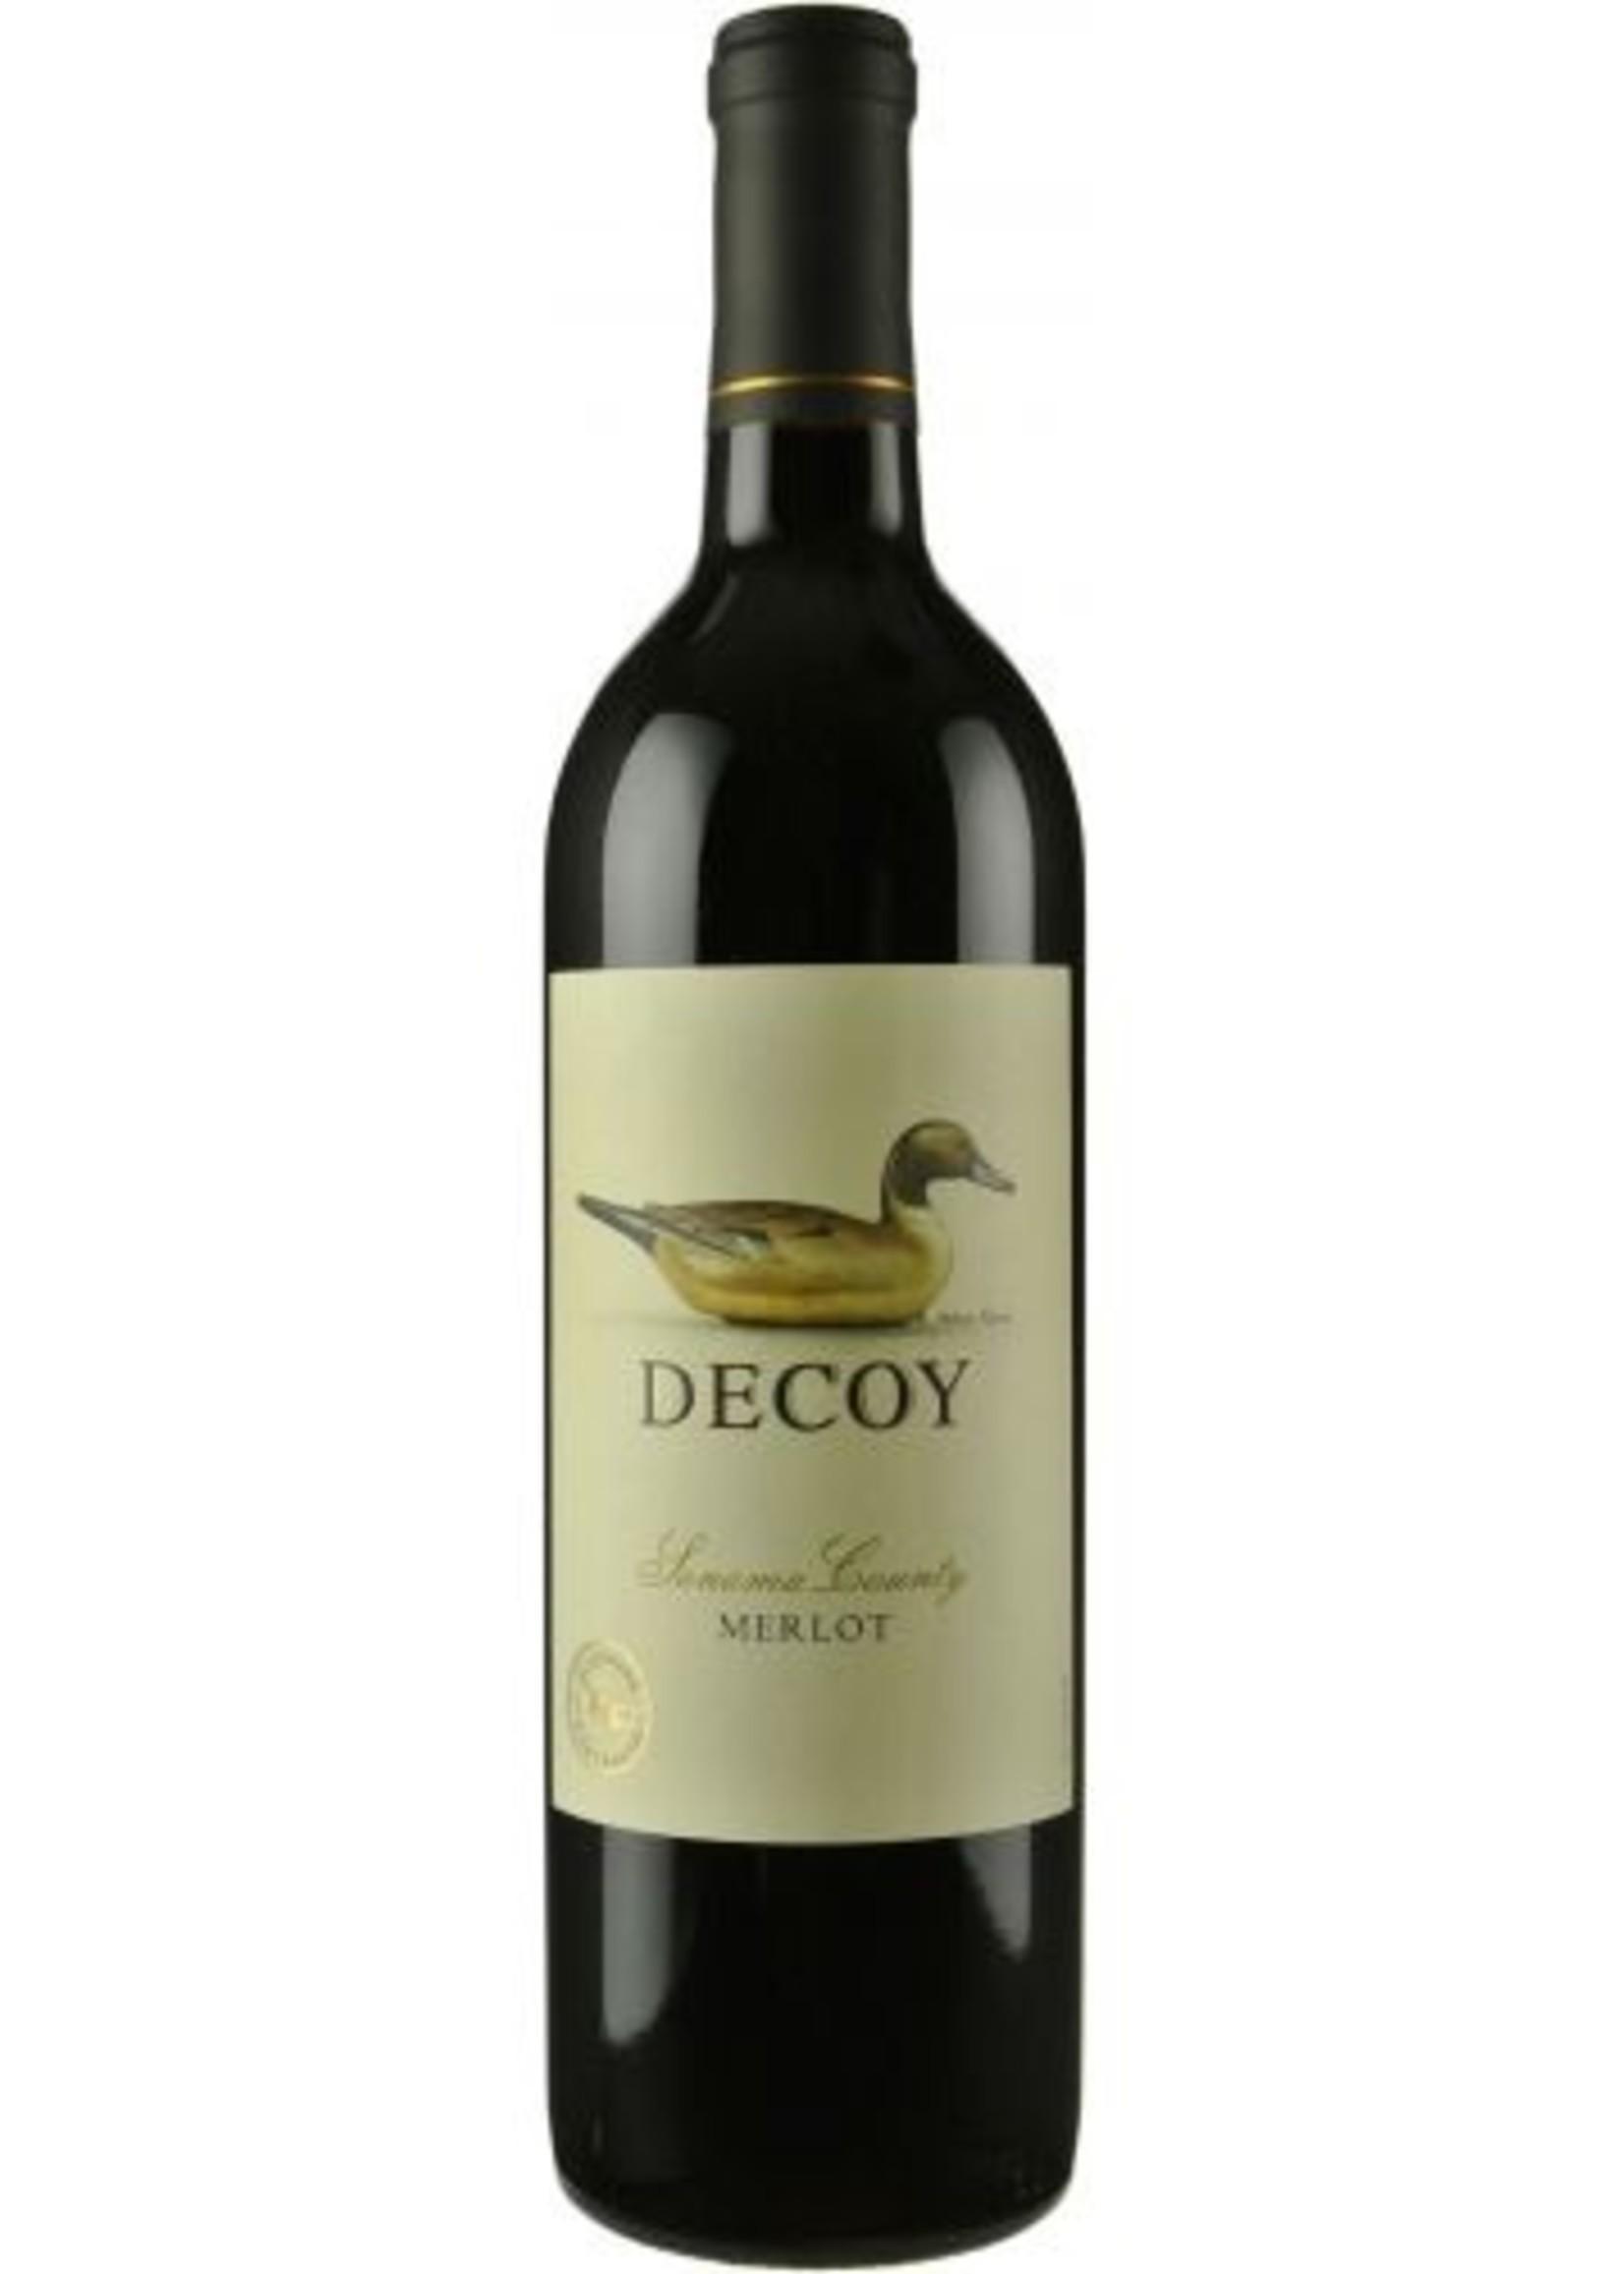 Decoy Merlot